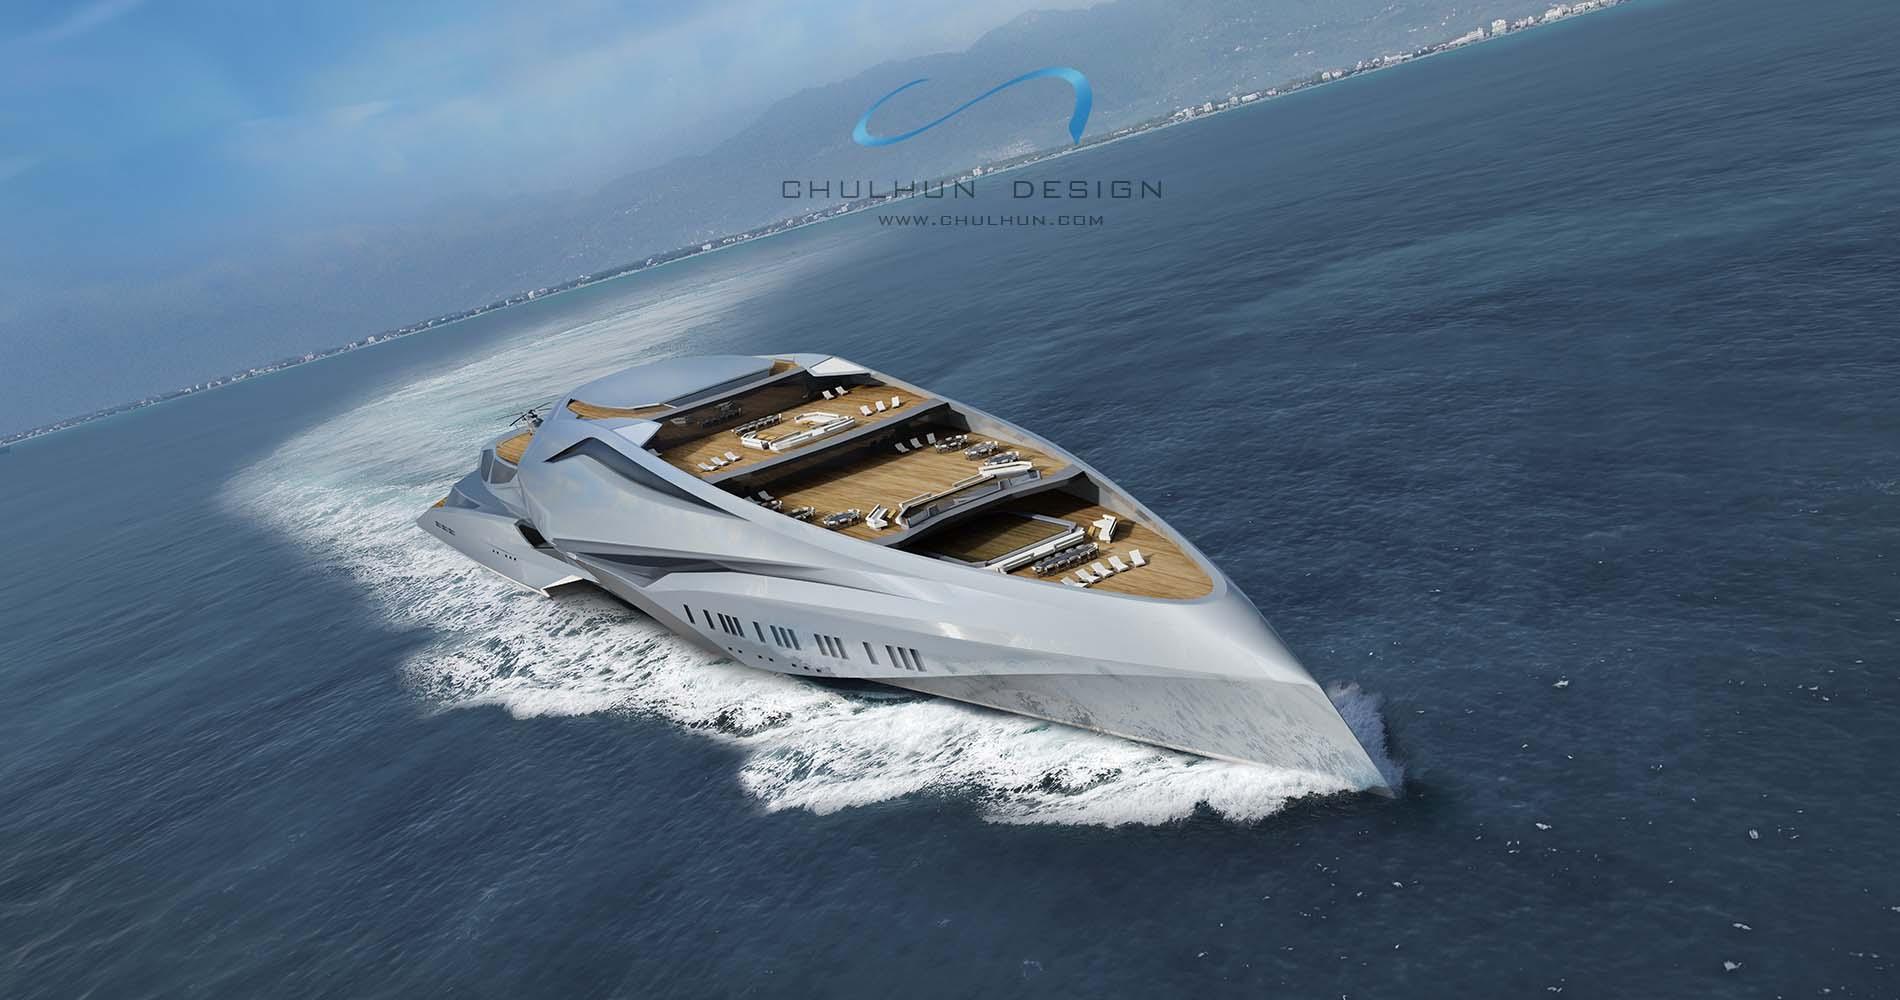 Jacht Valkyrie von Chulhun Design